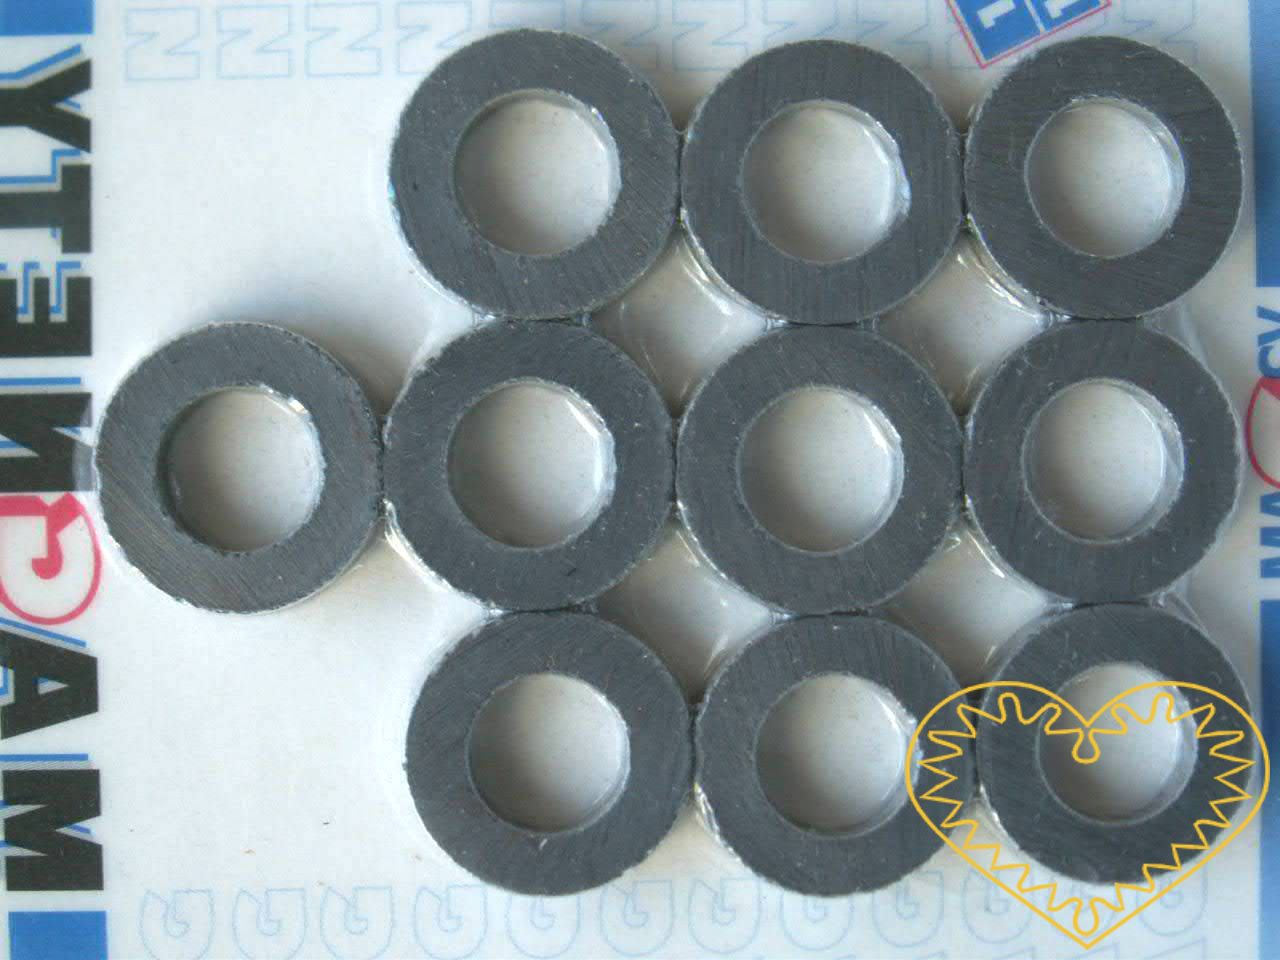 Magnet kulatý s otvorem - sada 10 kusů. Průměr magnetu je 2 cm, průměr otvoru 1,2 cm, tloušťka magnetu je 4,5 mm. Vhodné na magnetickou tabuli, nástěnku, flipchart či doma na lednici. Lze je využít jako základ pro tvorbu vlastních originálních magnet